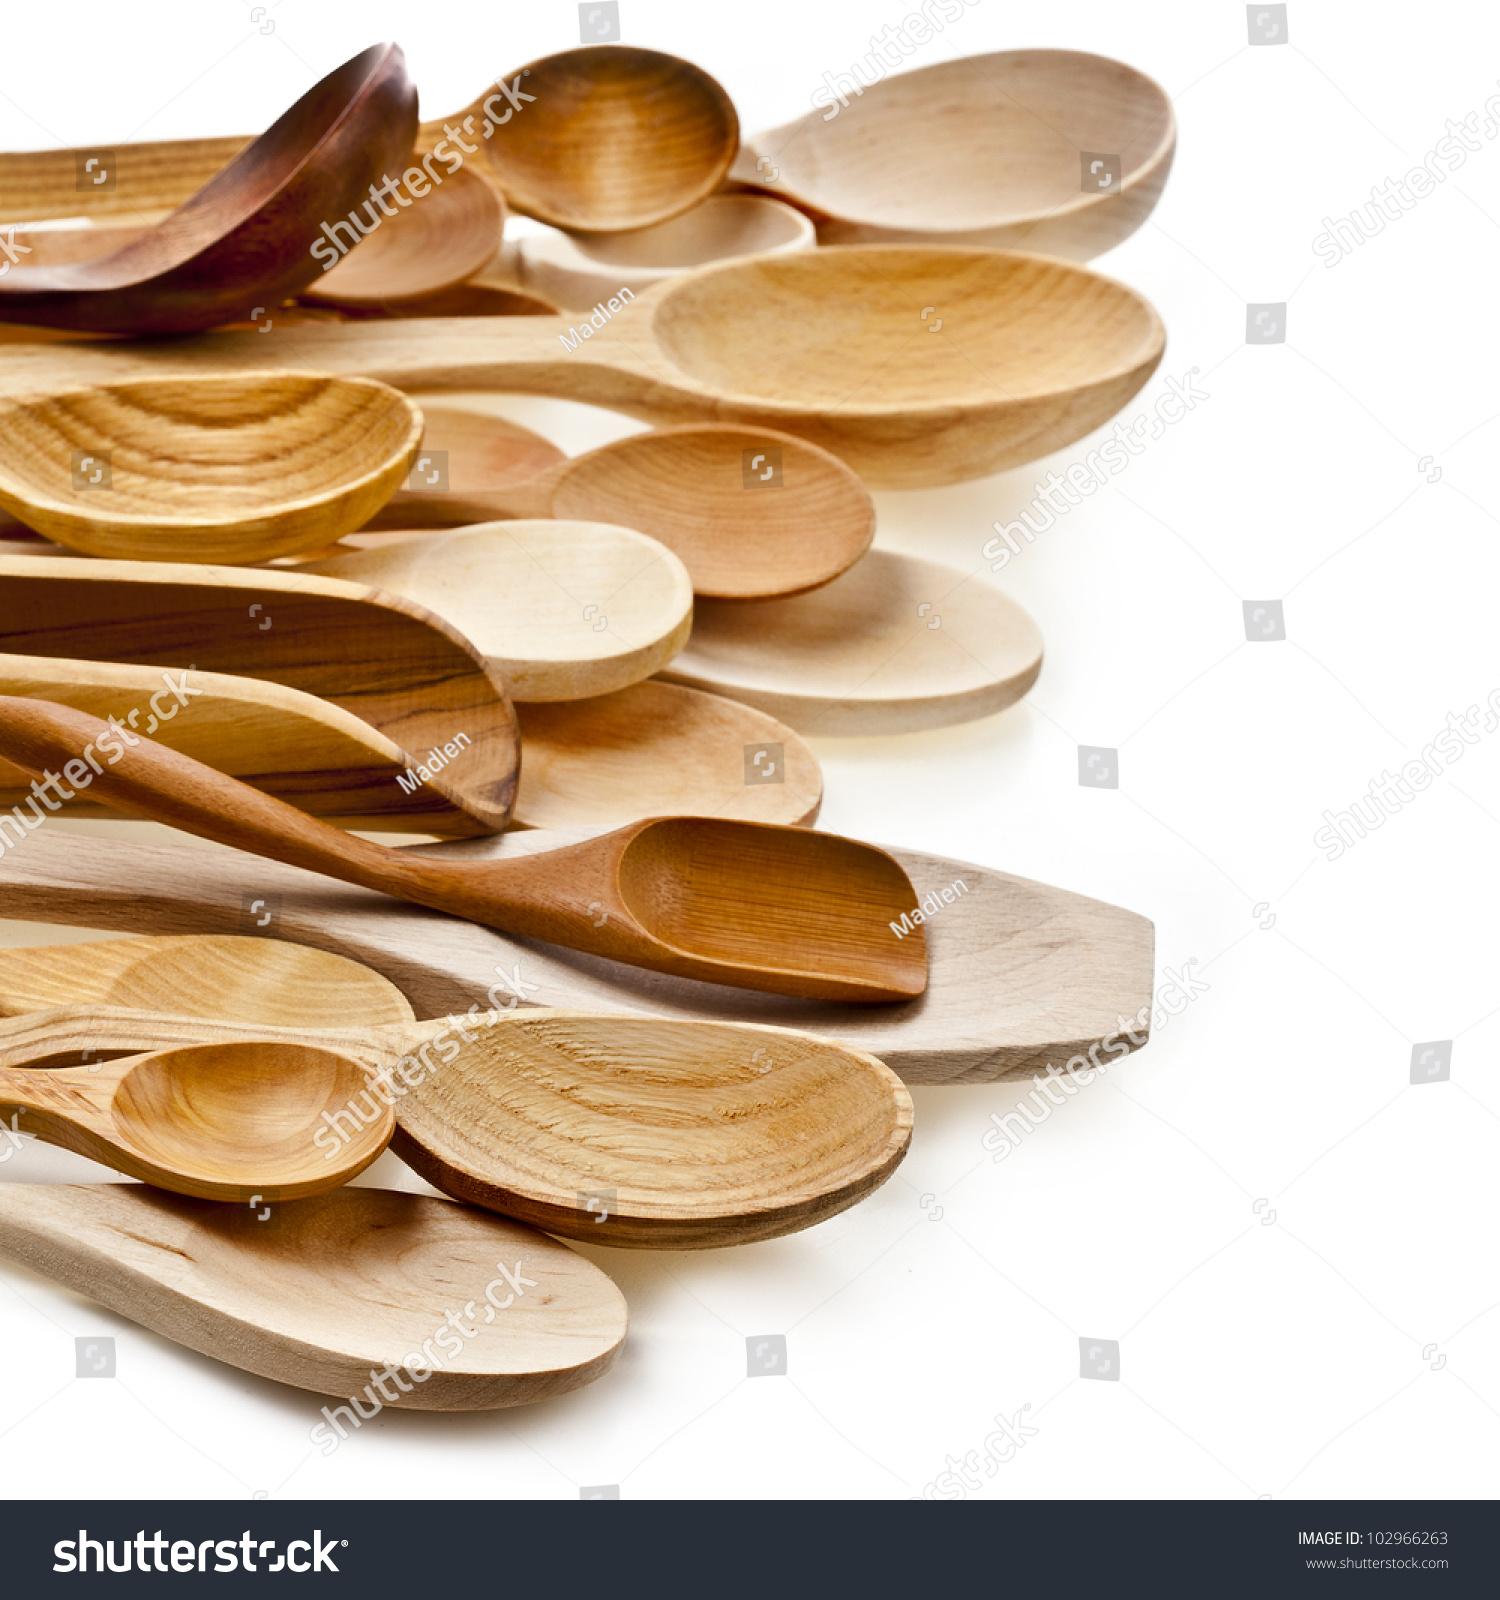 Kitchen Utensils Border border different kitchen wooden utensils cutlery stock photo